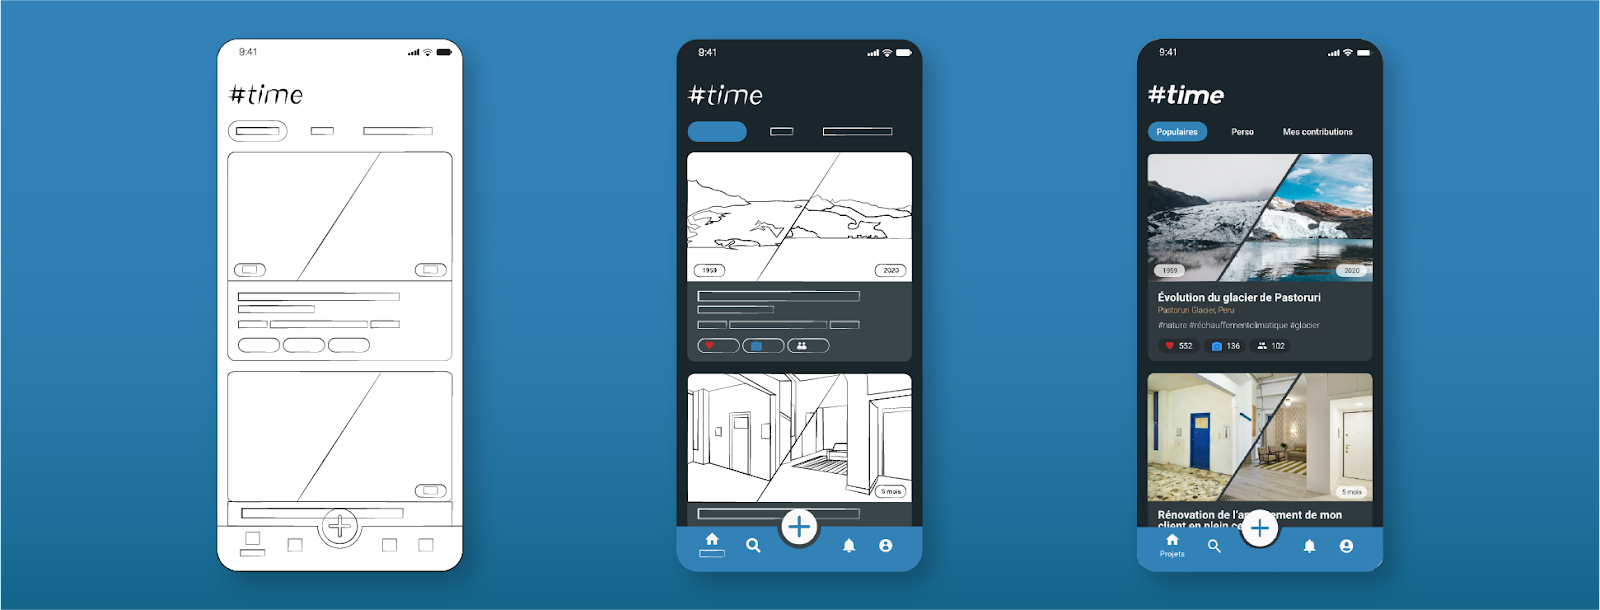 UX / UI design mockup illustration